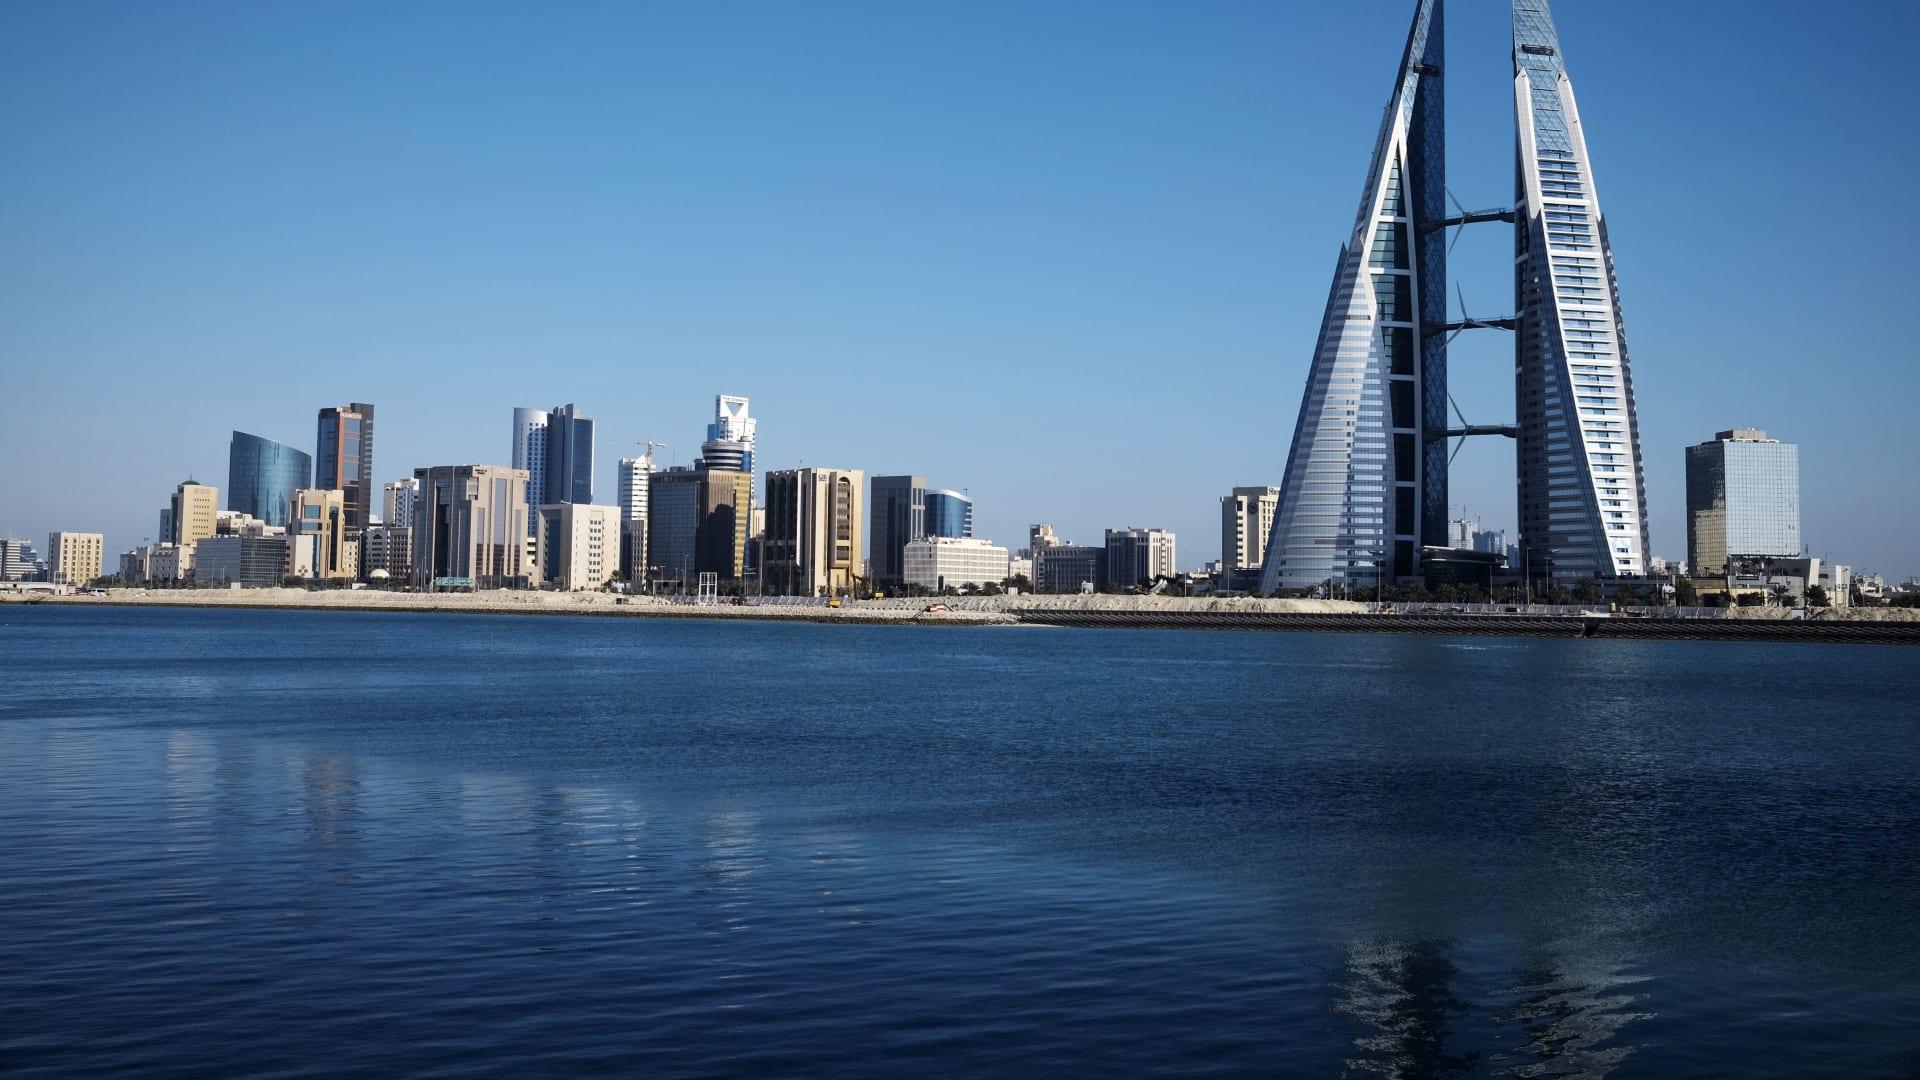 """البحرين ترد على انتقادات البرلمان الأوروبي لوضع حقوق الإنسان فيها: """"ادعاءات كاذبة ومغالطات"""""""